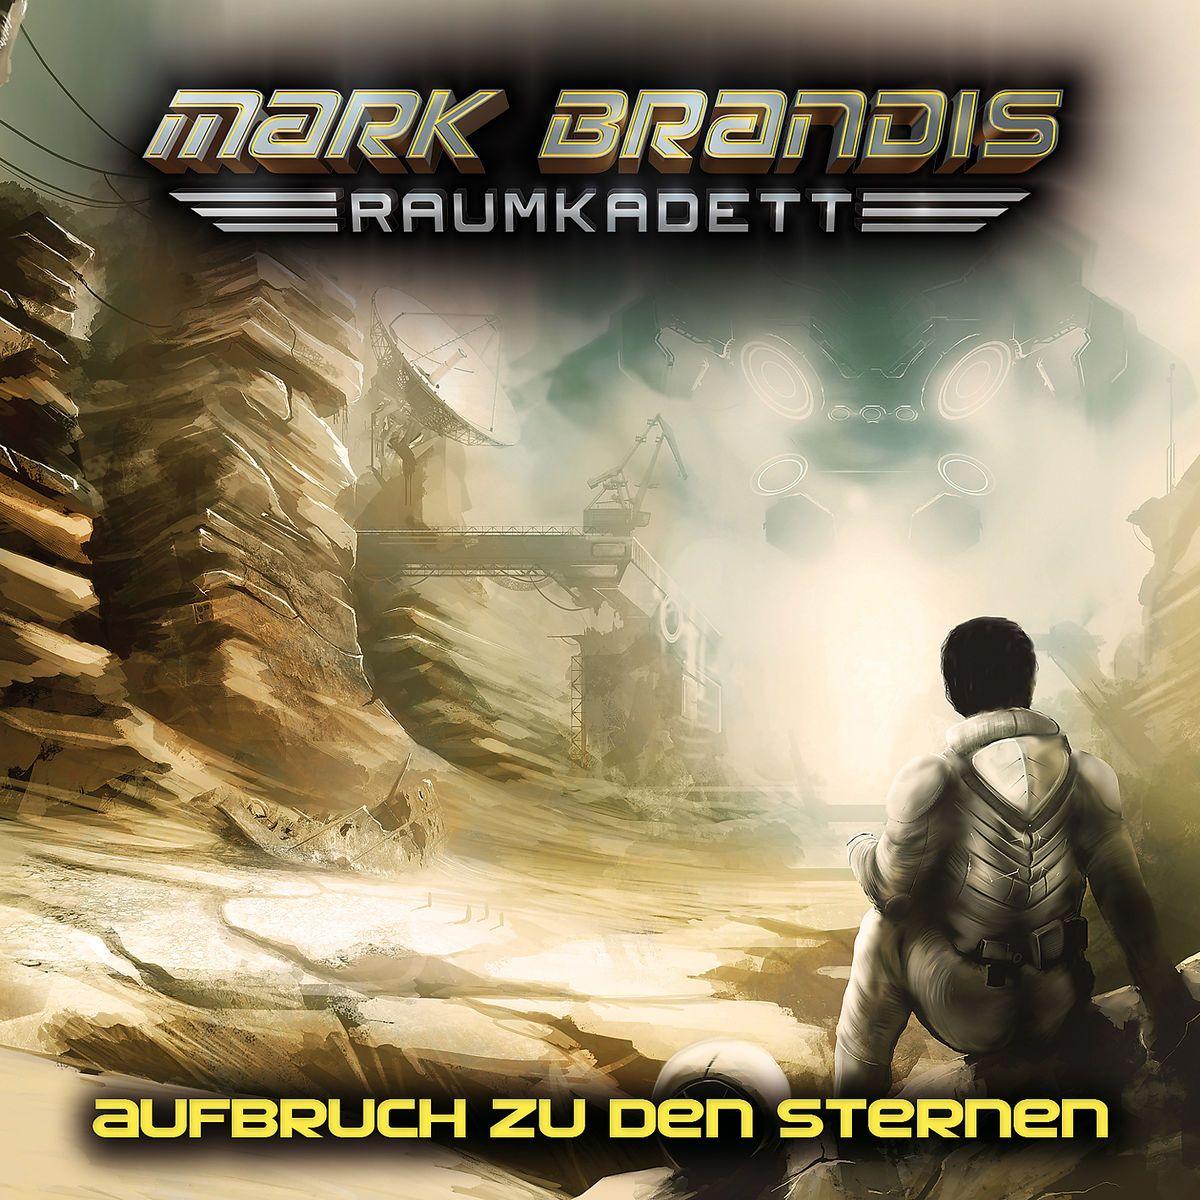 """MARK BRANDIS - RAUMKADETT - Folgen 1 """"Aufbruch Zu Den Sternen"""""""